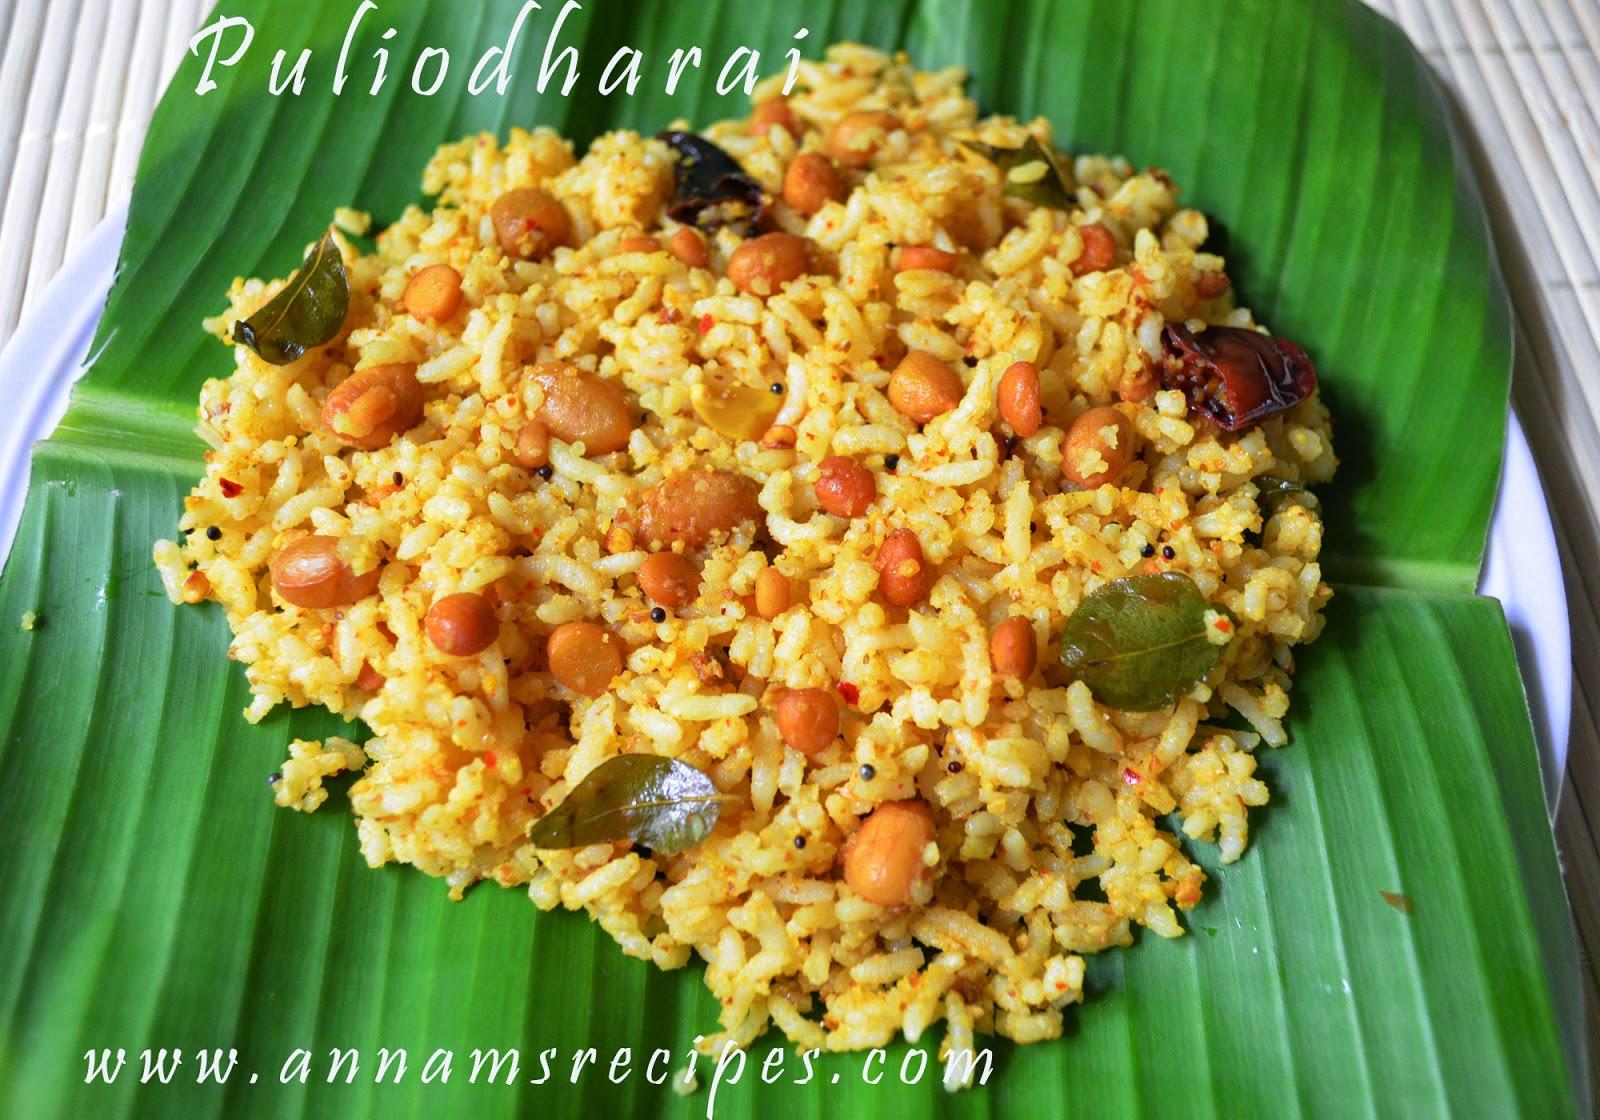 Puliodharai